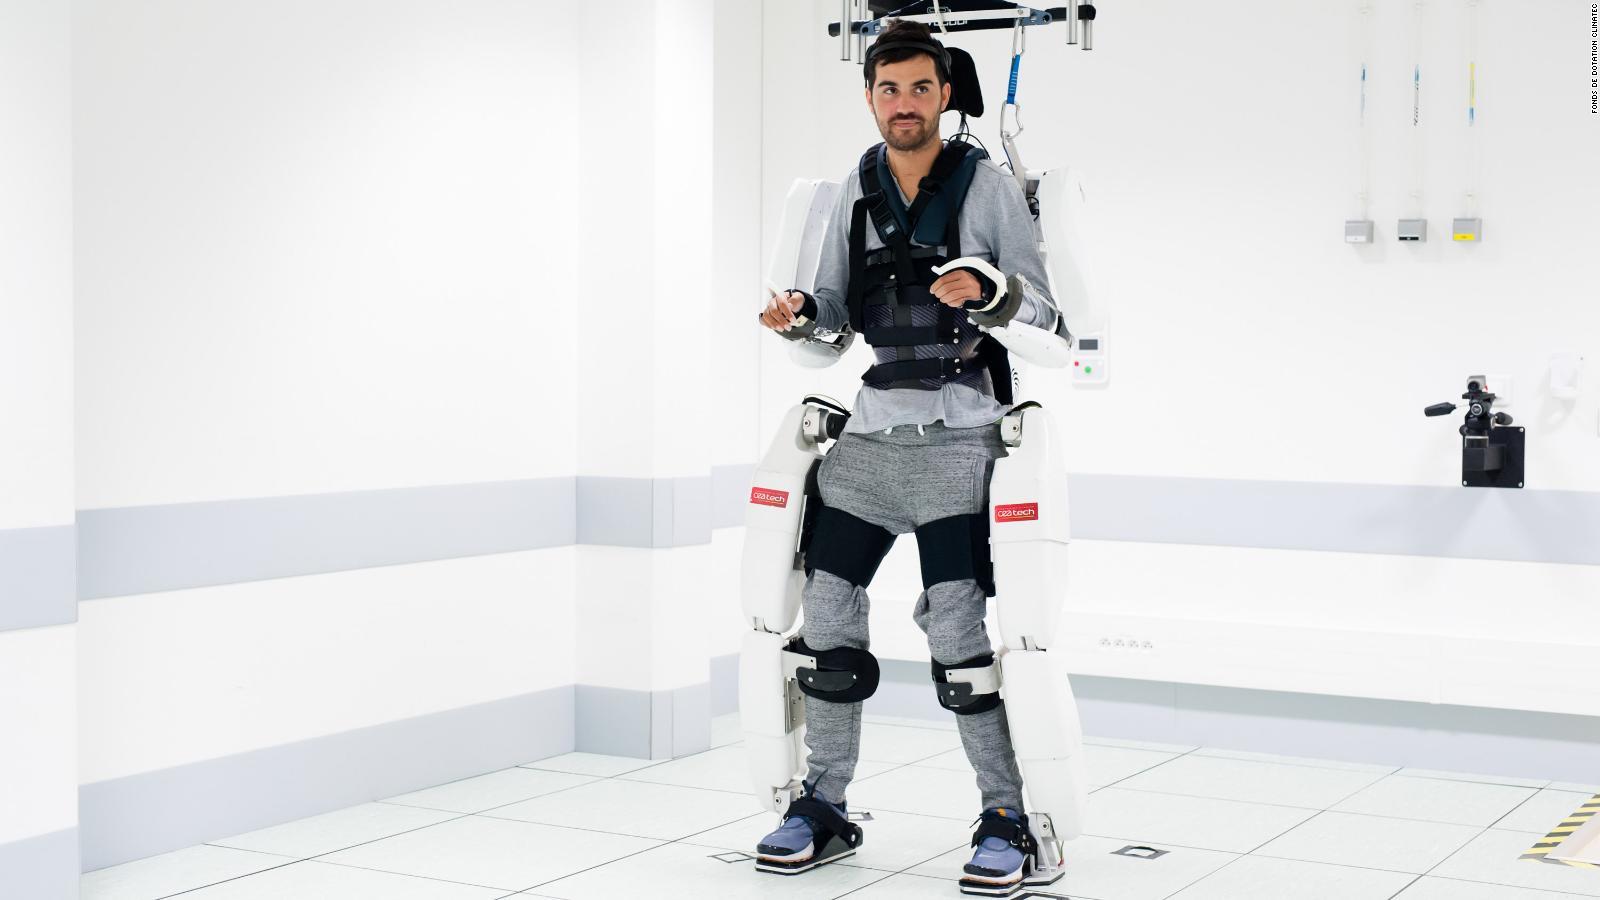 https://cdn.cnn.com/cnnnext/dam/assets/191004105310-01-paralyzed-man-robotic-suit-full-169.jpg